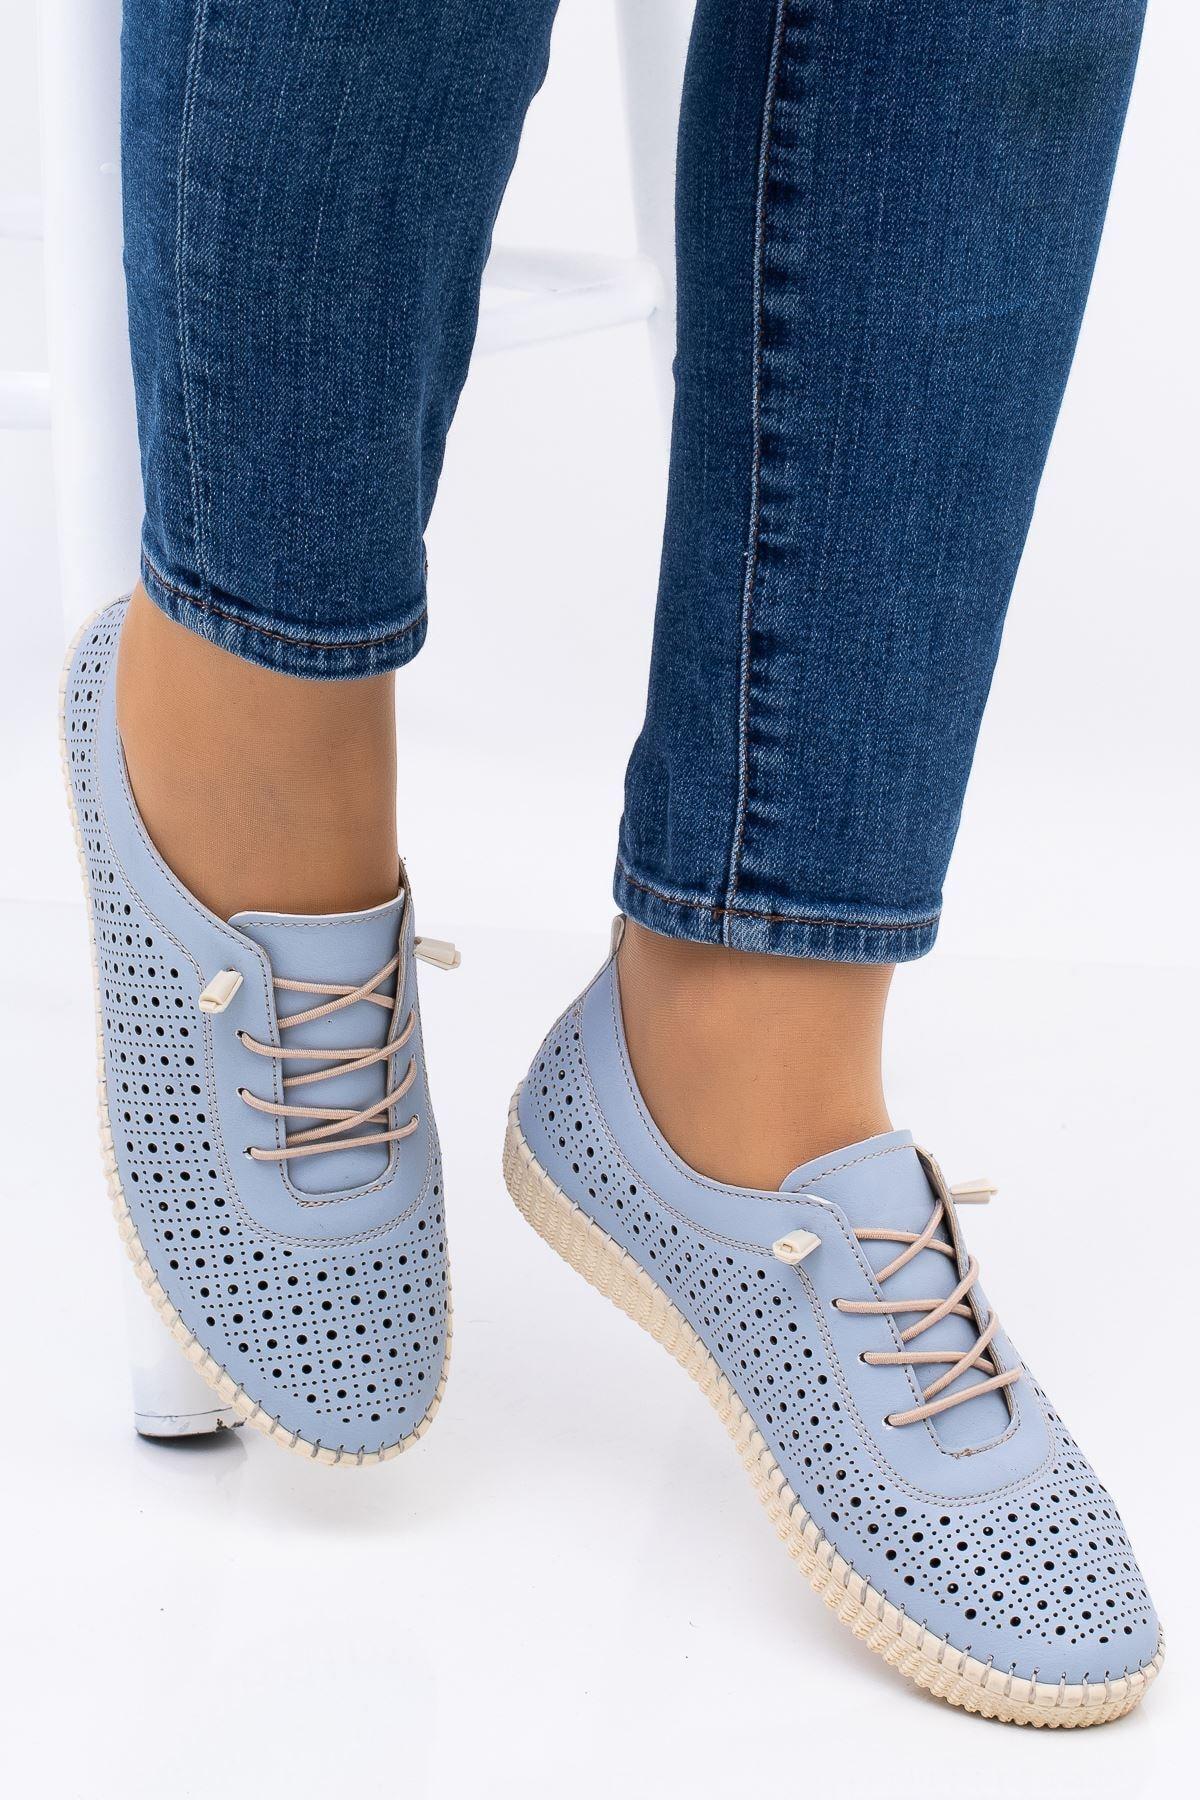 Hoba Kadın Mavi Ortopedik Delikli İpli İçi Deri Alçak Topuk Günlük Rahat Ayakkabı 2